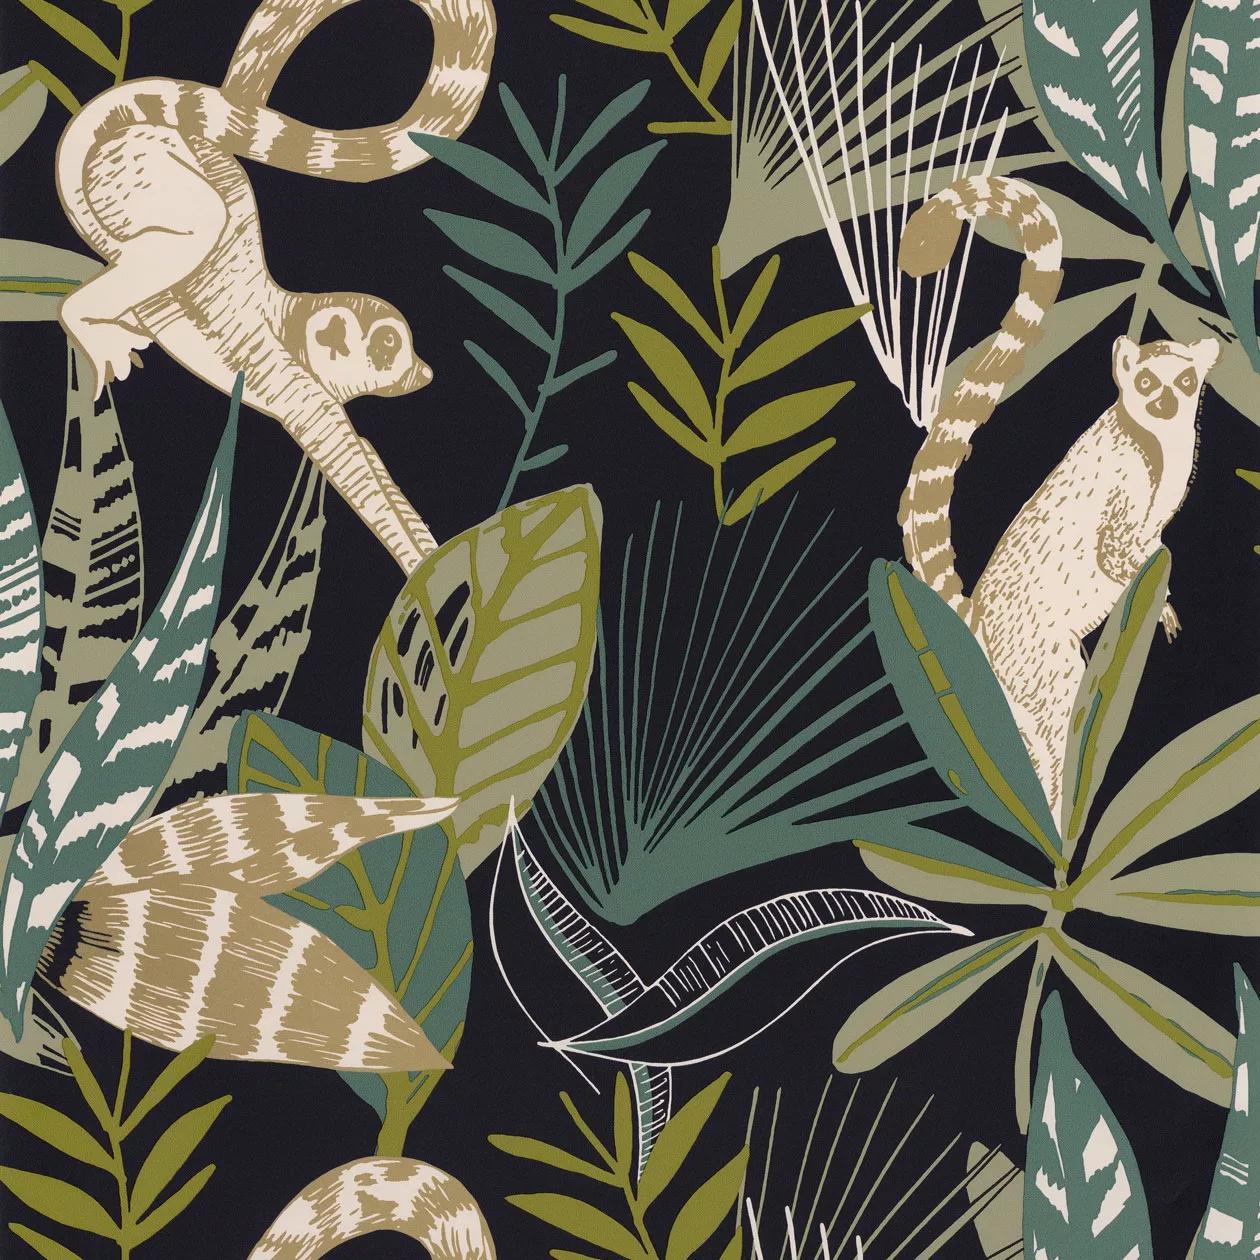 Sötétkék trópusi hangulatú pálma és lemur mintás vlies design tapéta